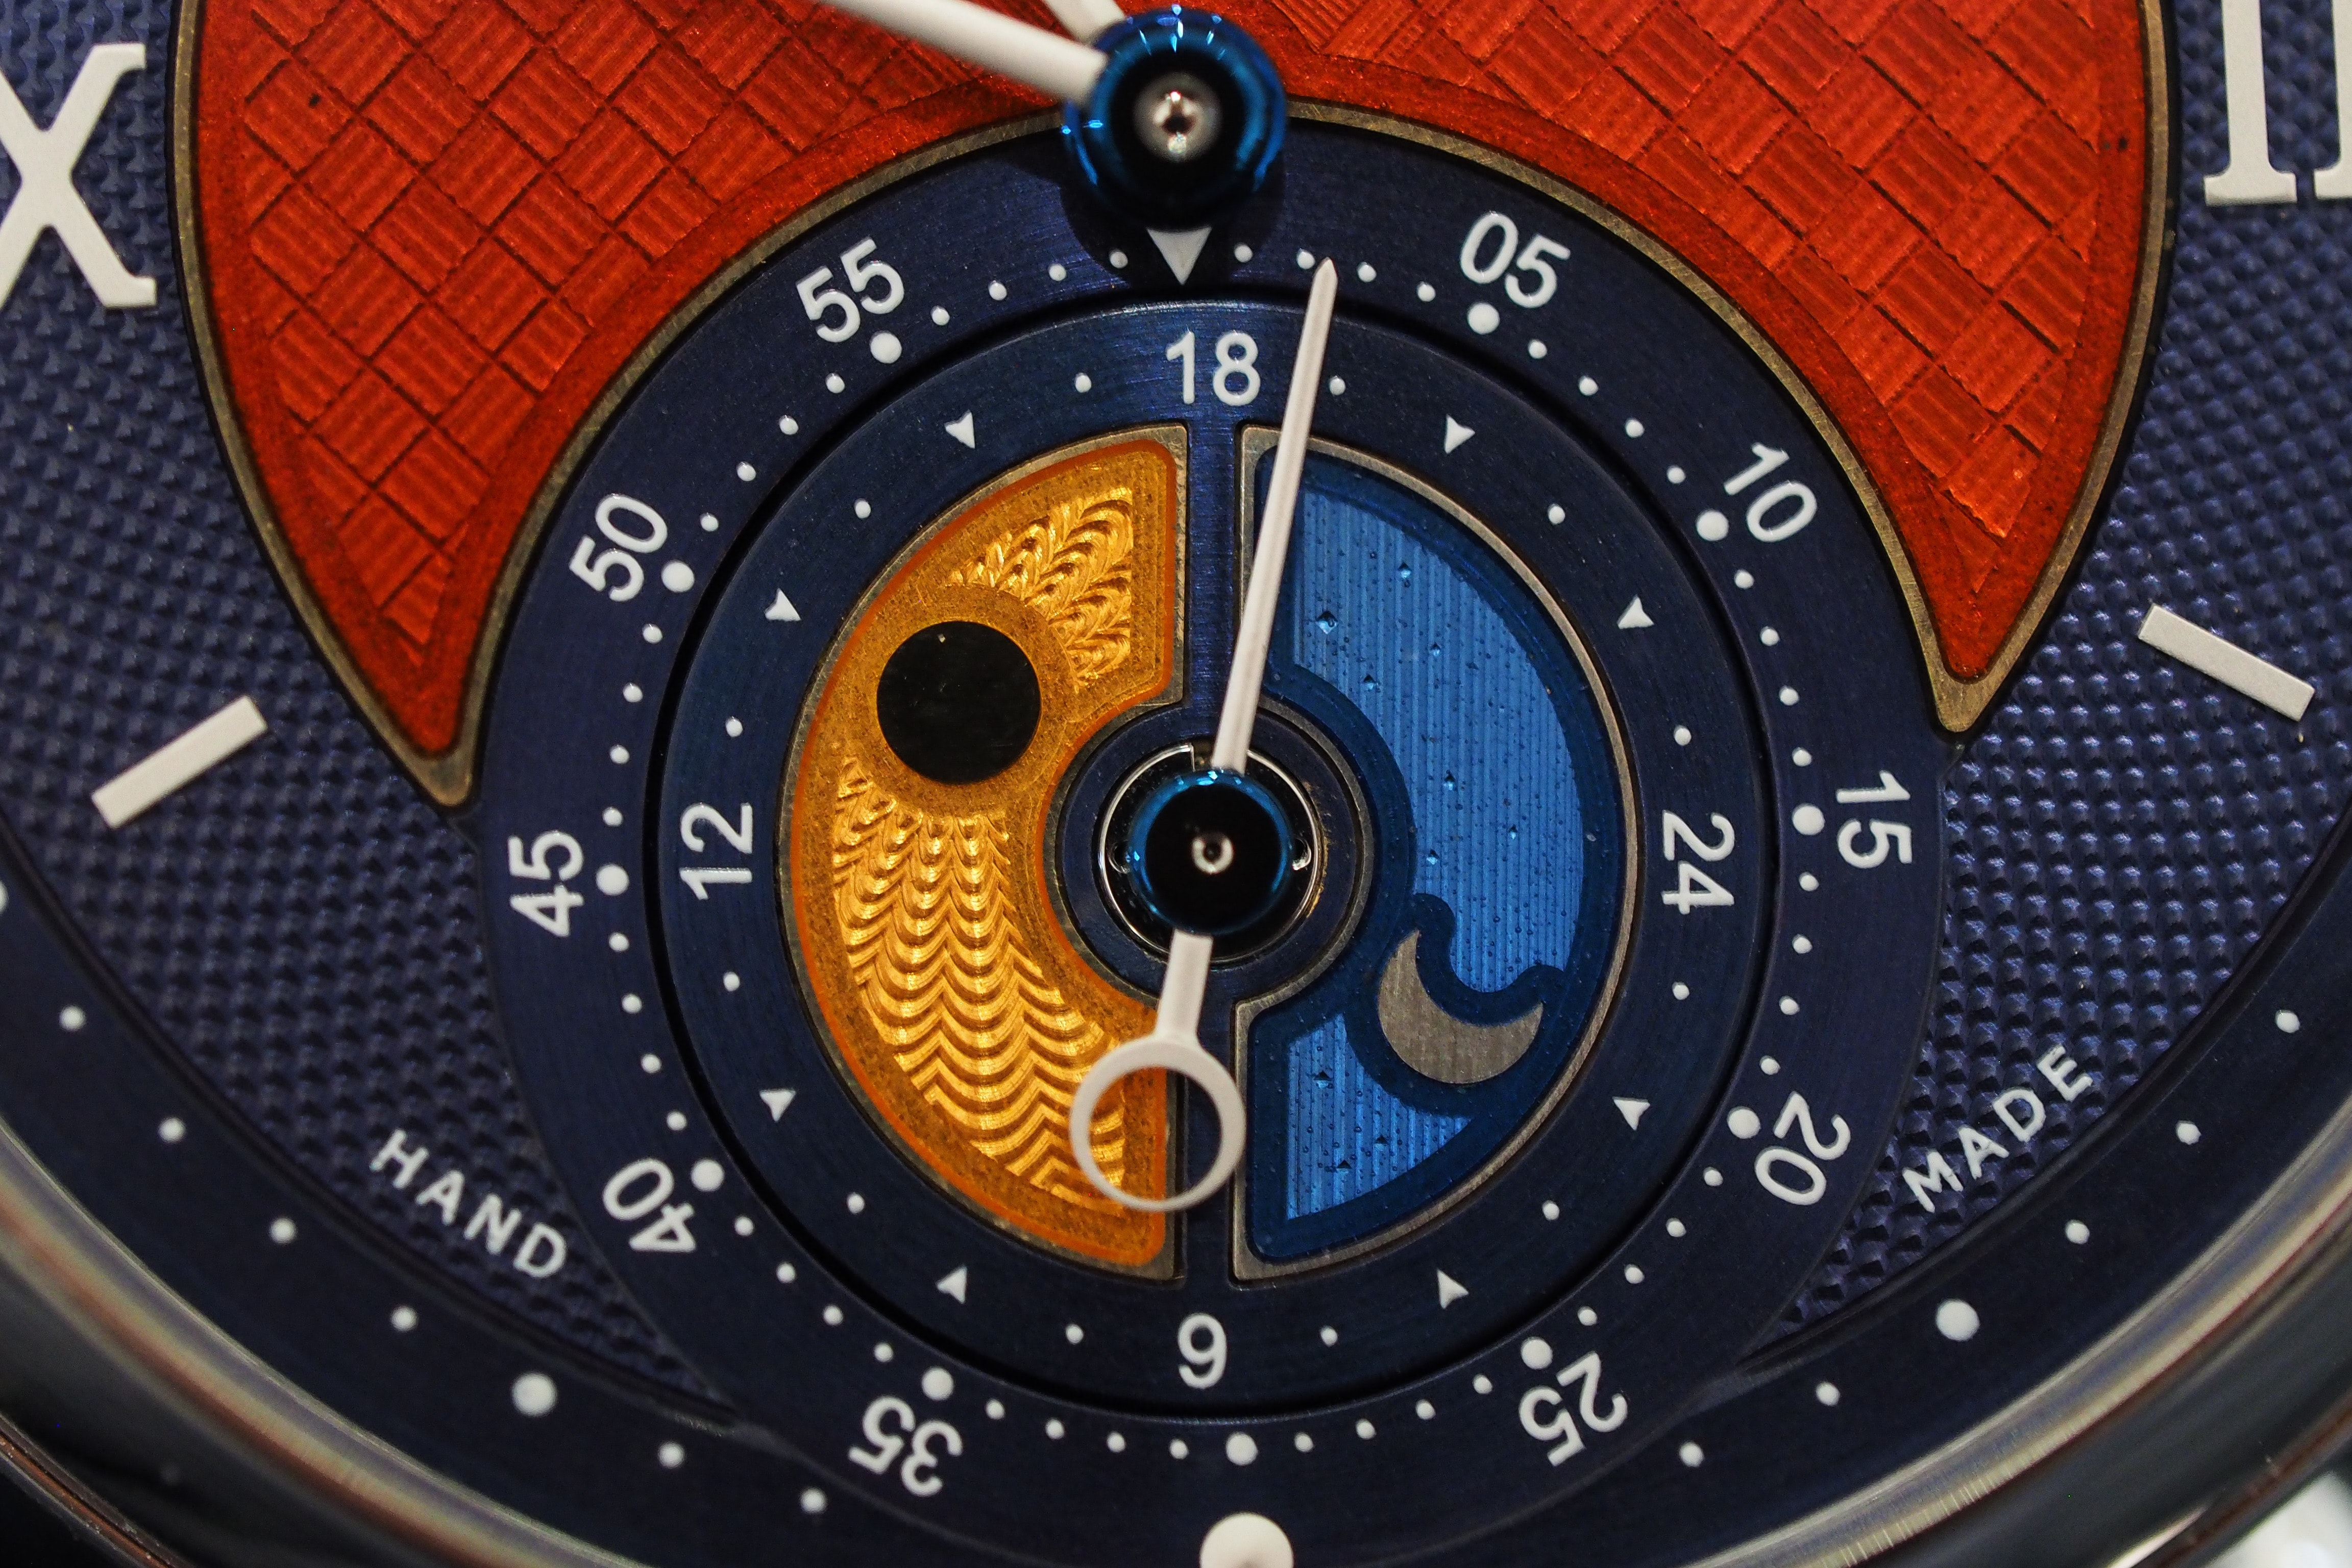 Hands-On: Kari Voutilainen's Unique Platinum GMT-6 And Burgundy Dial Vingt-8 Hands-On: Kari Voutilainen's Unique Platinum GMT-6 And Burgundy Dial Vingt-8 P1200416